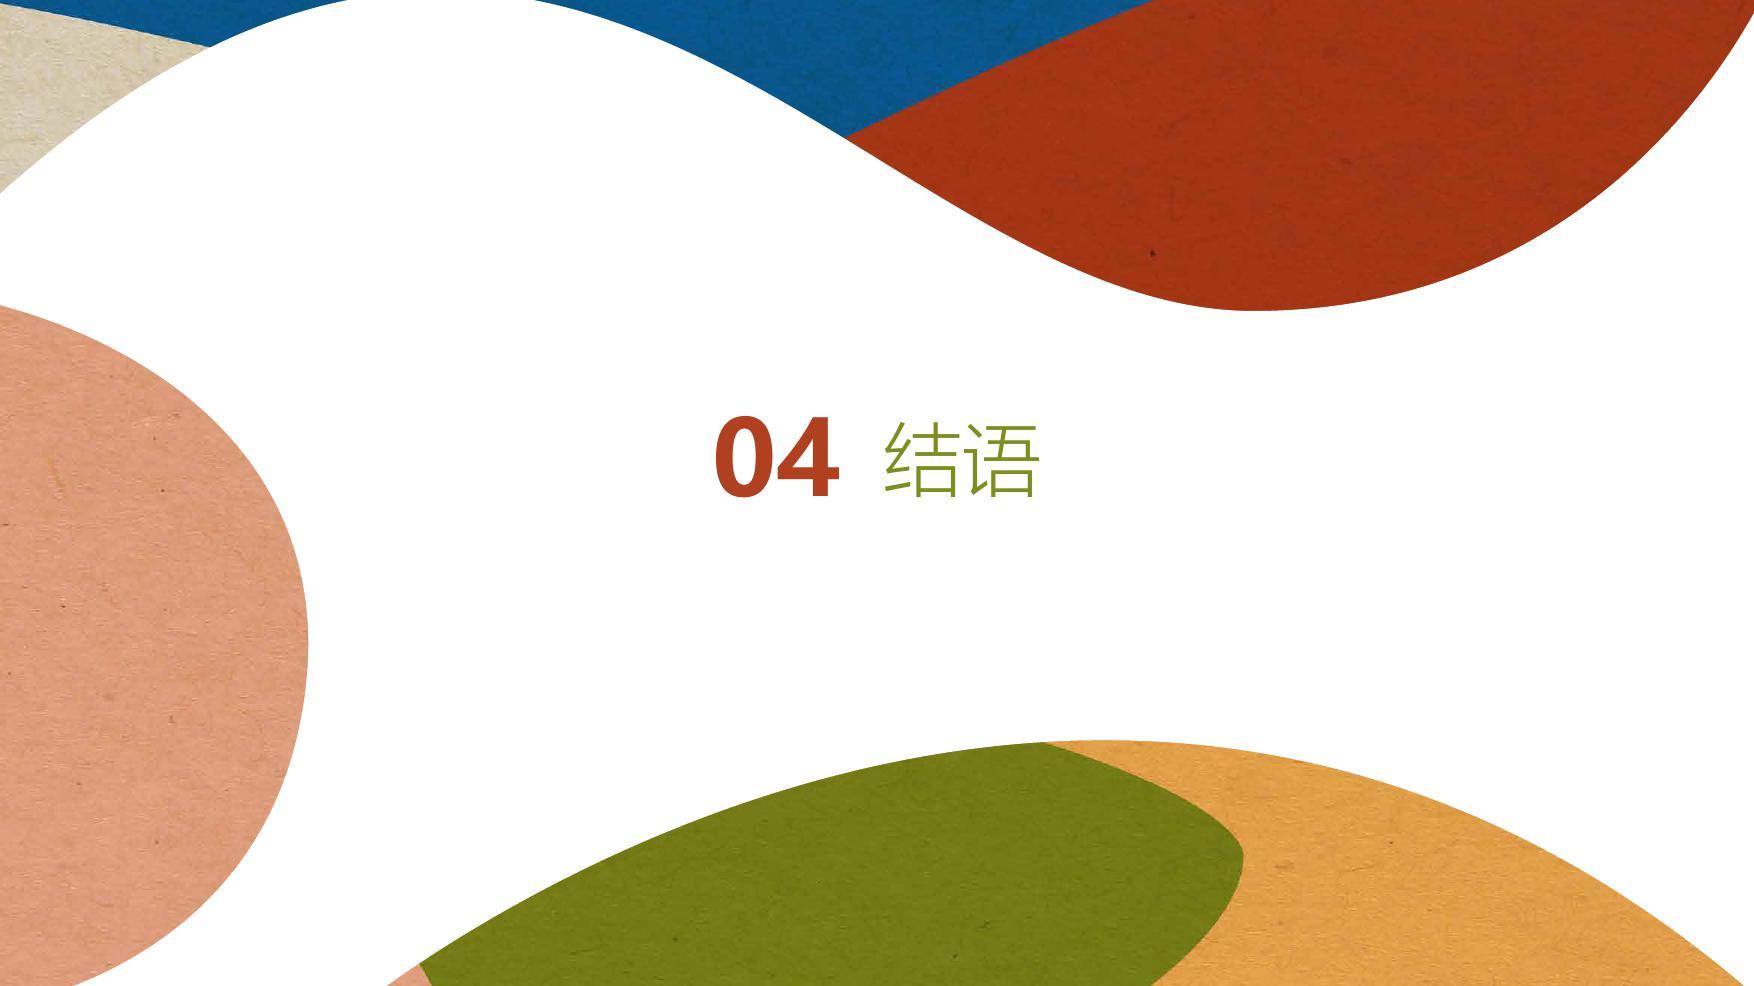 东交通�y��_领英:《中国b2b品牌全球化营销白皮书》(ppt)